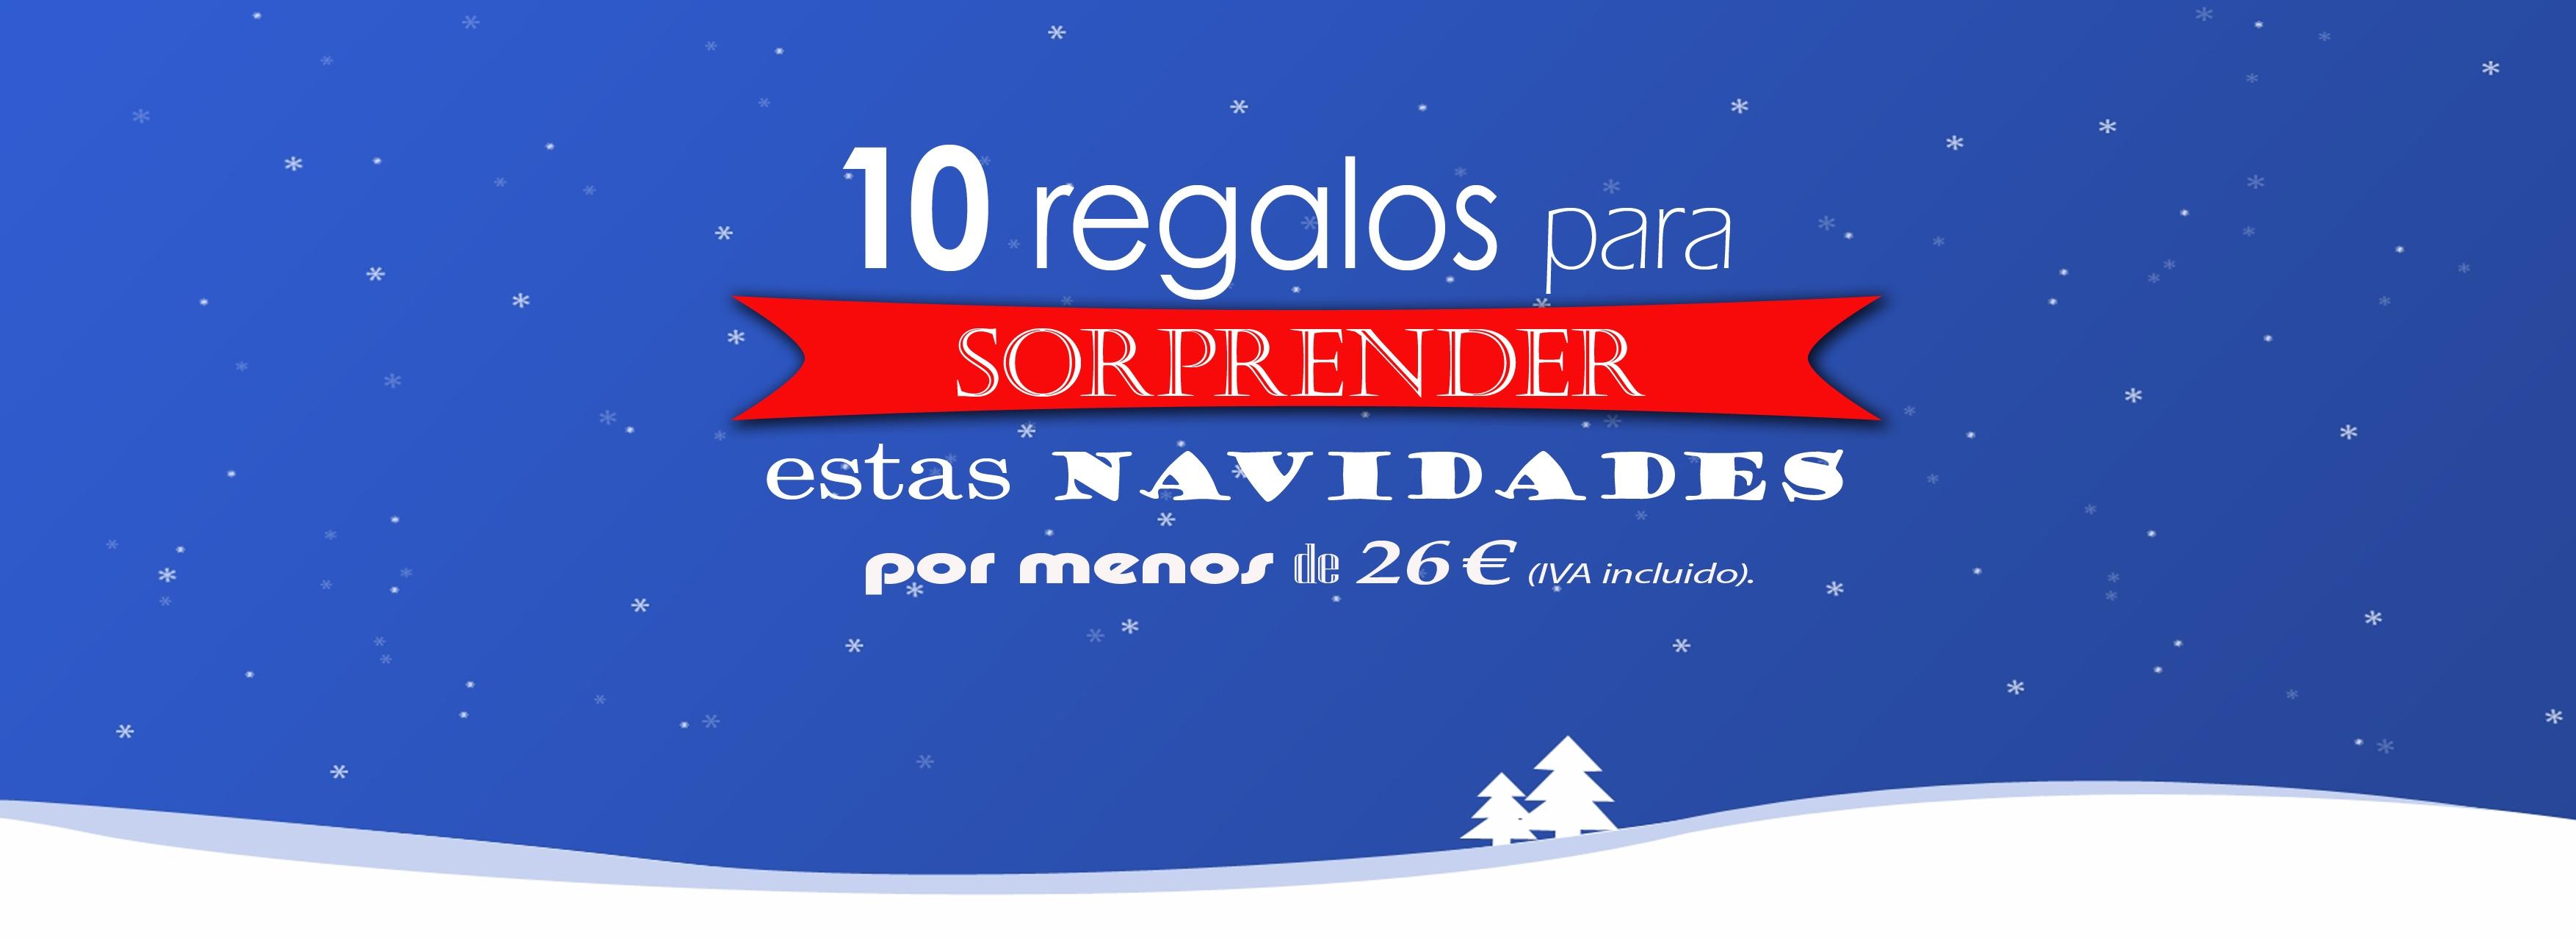 10 regalos